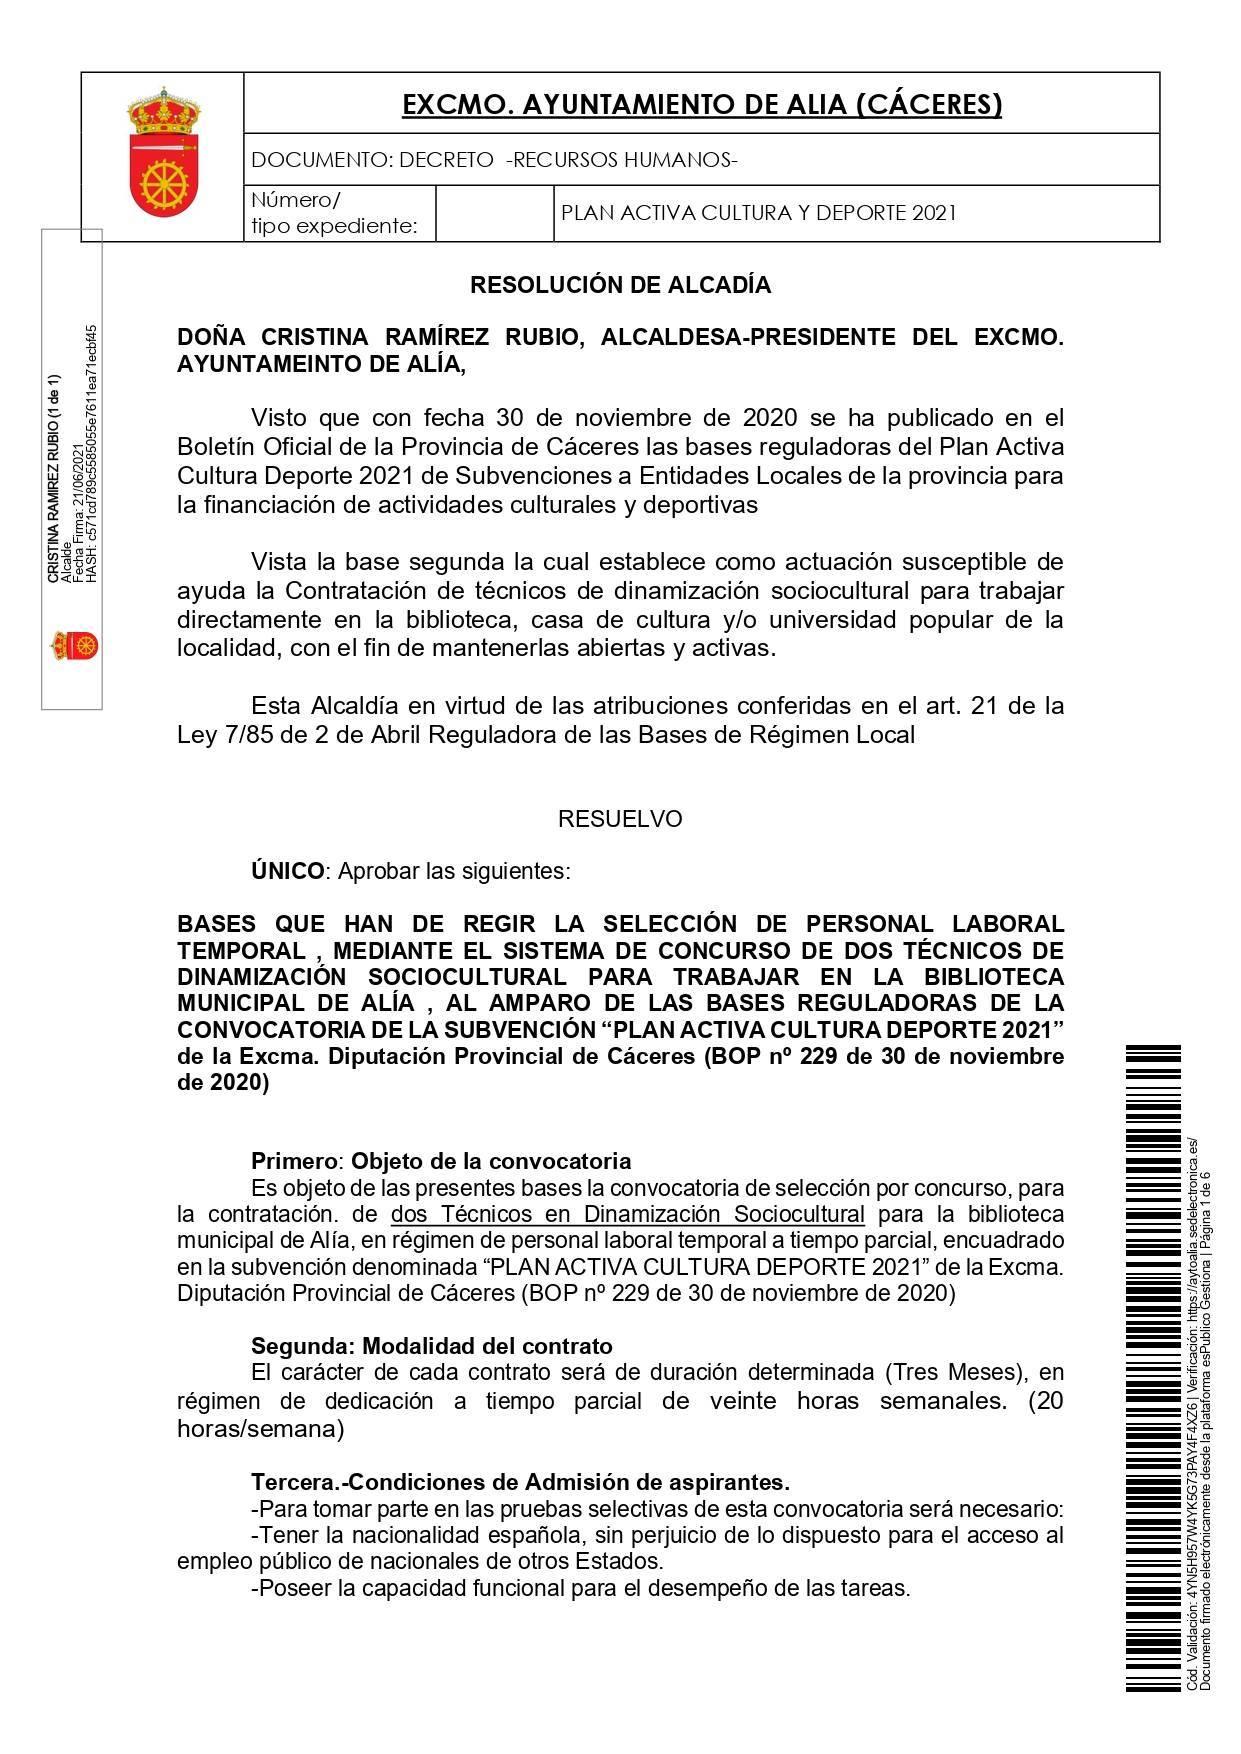 2 técnicos de dinamización sociocultural (2021) - Alía (Cáceres) 1